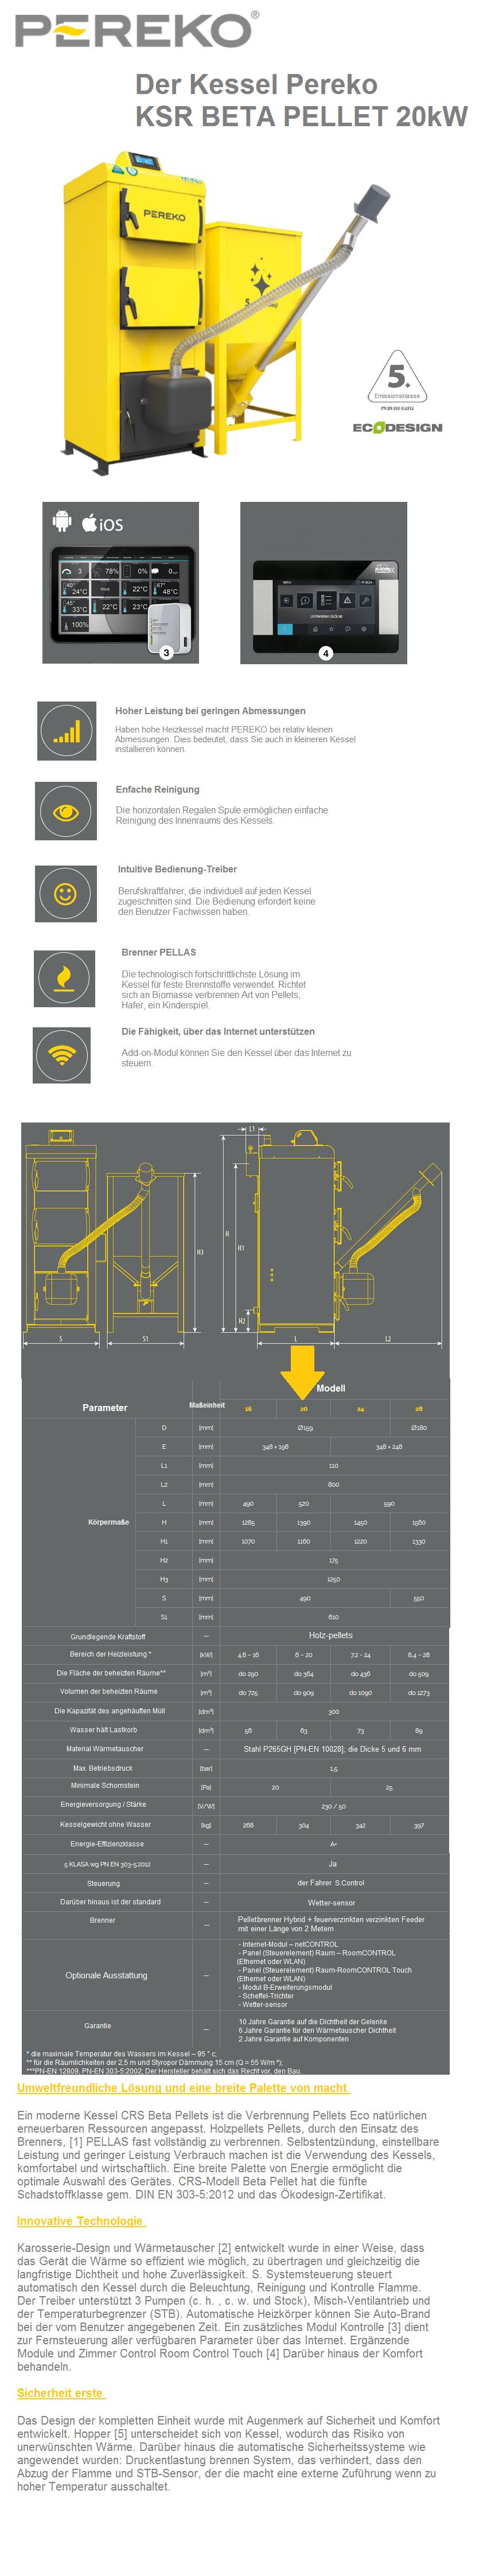 Großzügig Temperatur Des Kessels Bilder - Schaltplan Serie Circuit ...